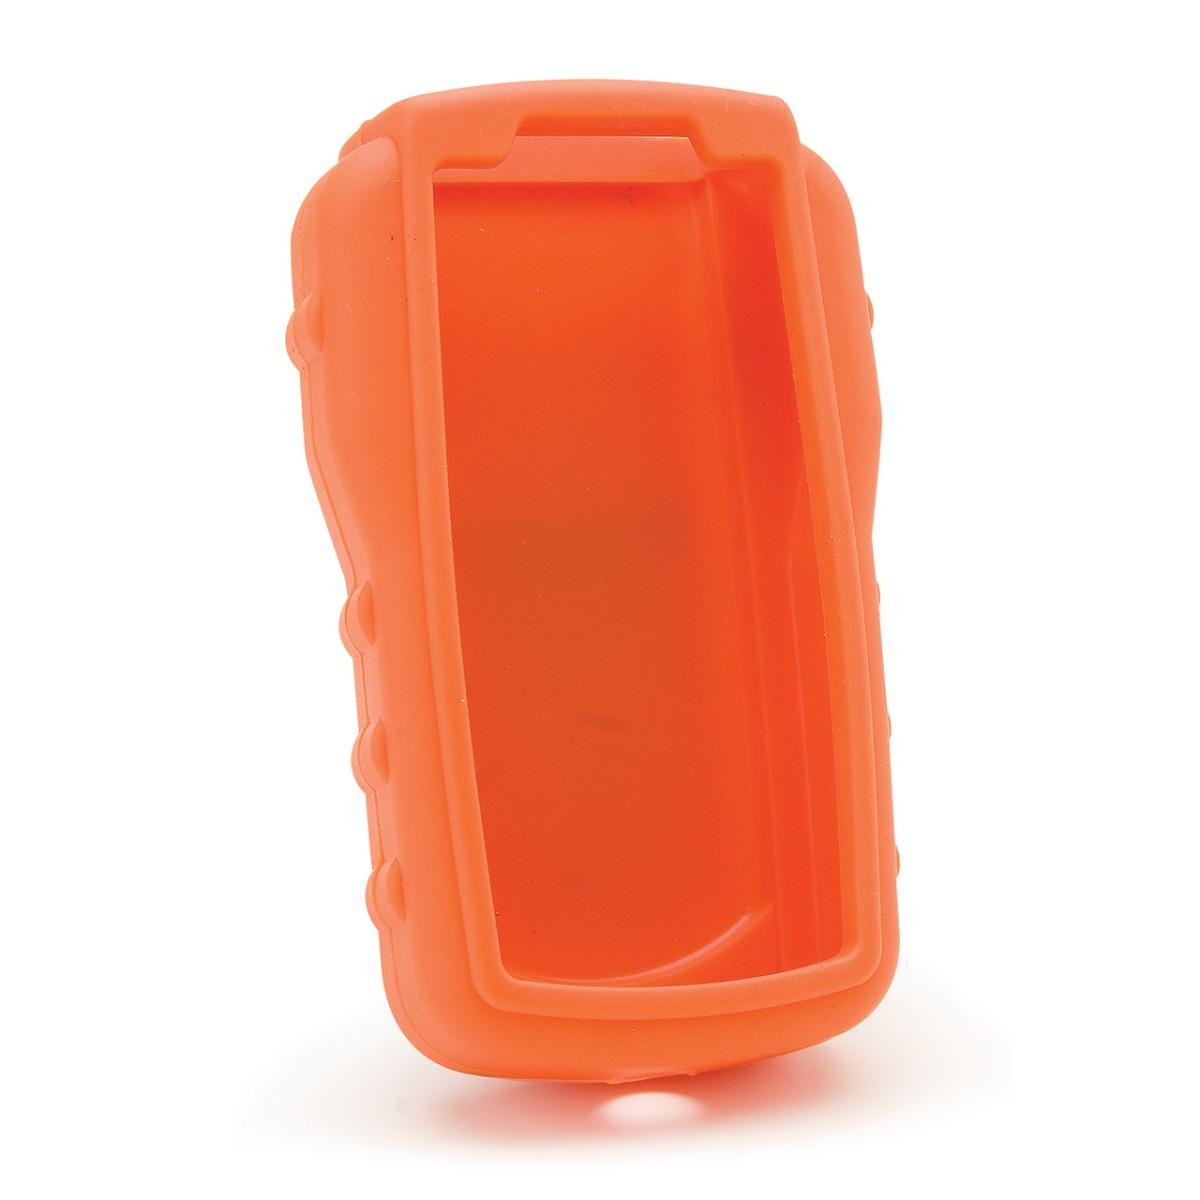 HI710008 Shockproof Rubber Boot (Orange)